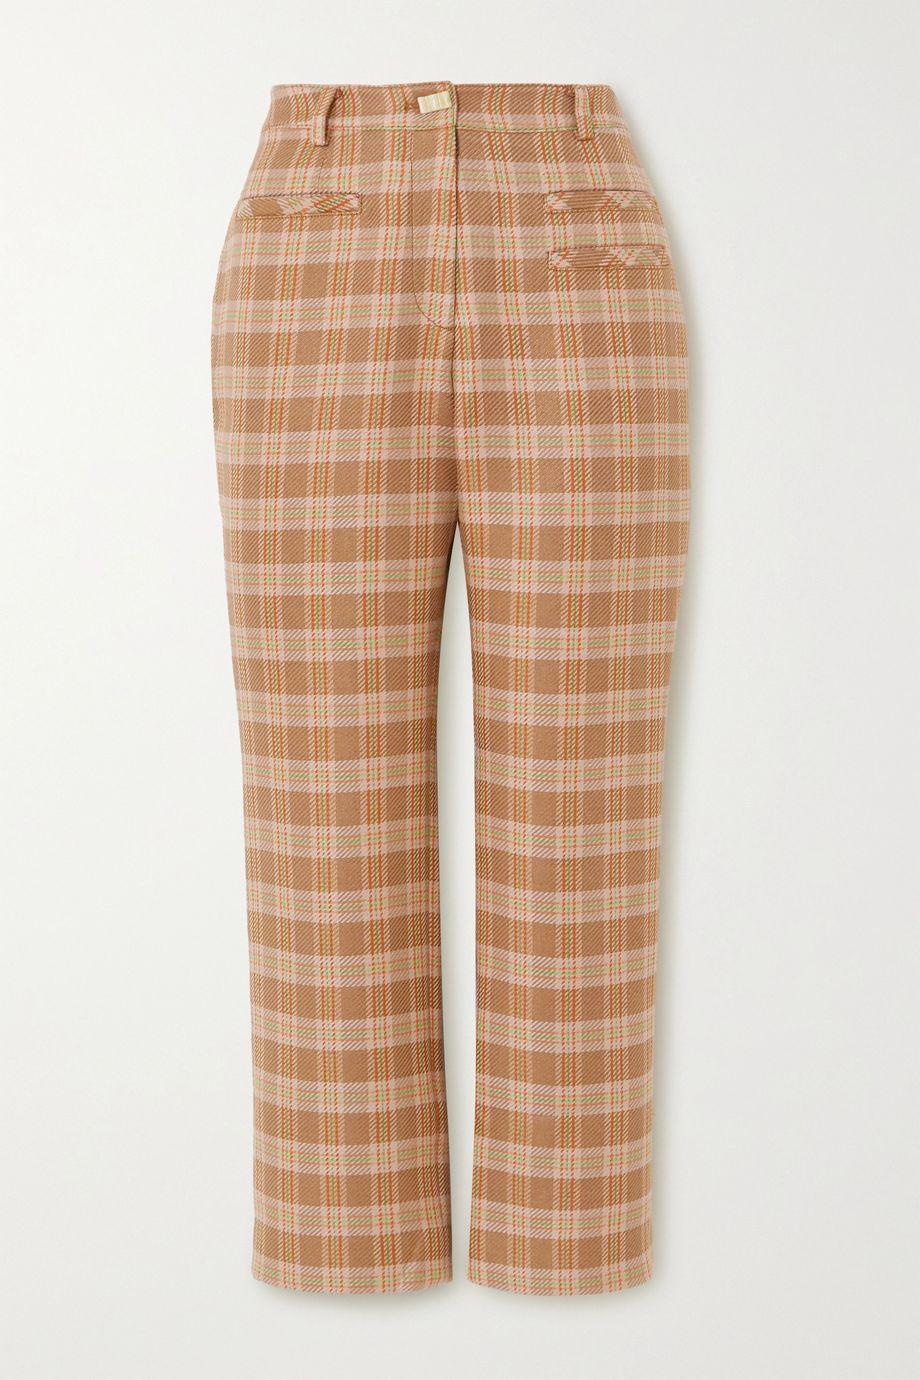 REJINA PYO Pantalon droit raccourci en tweed à carreaux